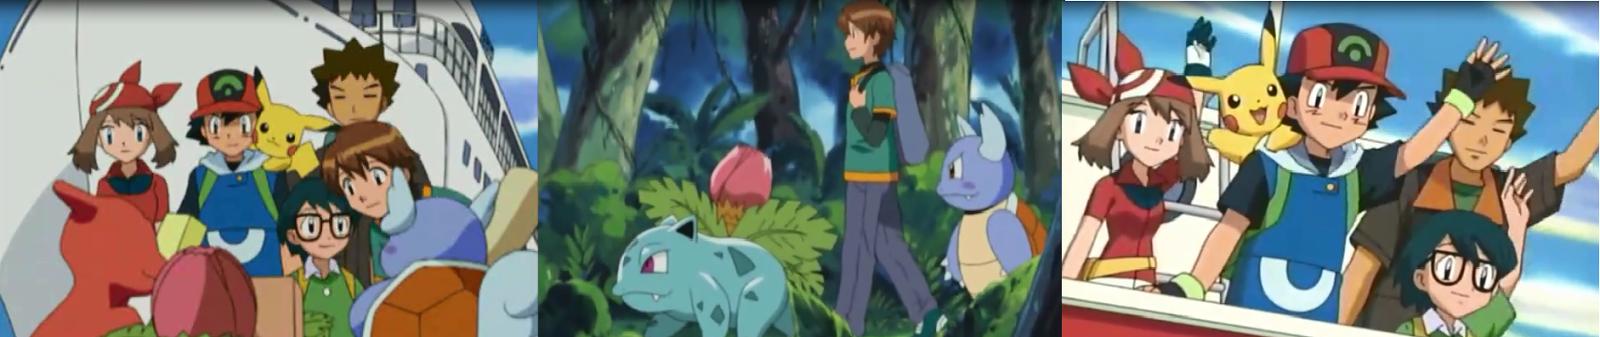 Pokemon Capitulo 52 Temporada 7 El Día Del Juicio